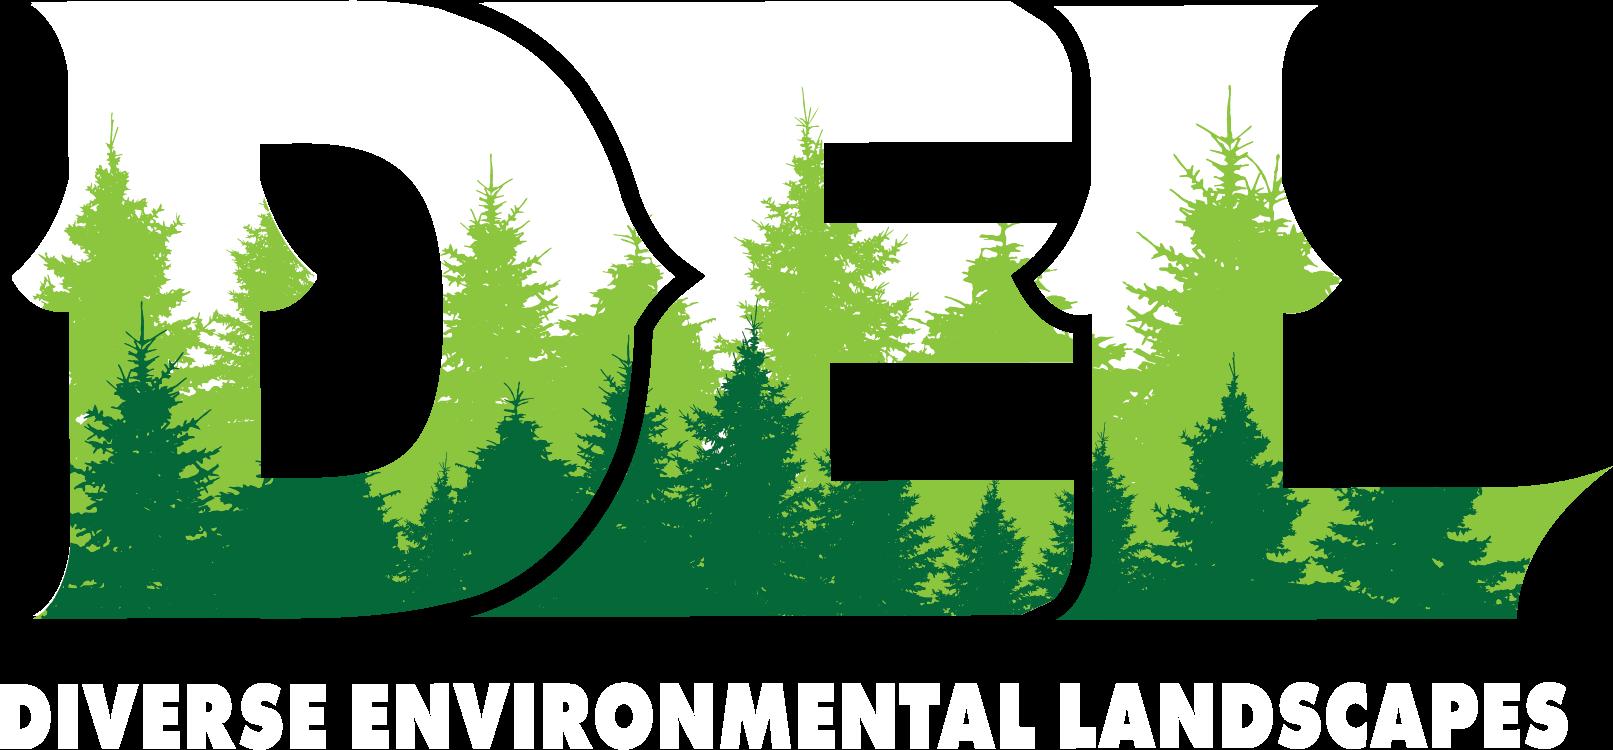 Diverse Environmental Landscapes